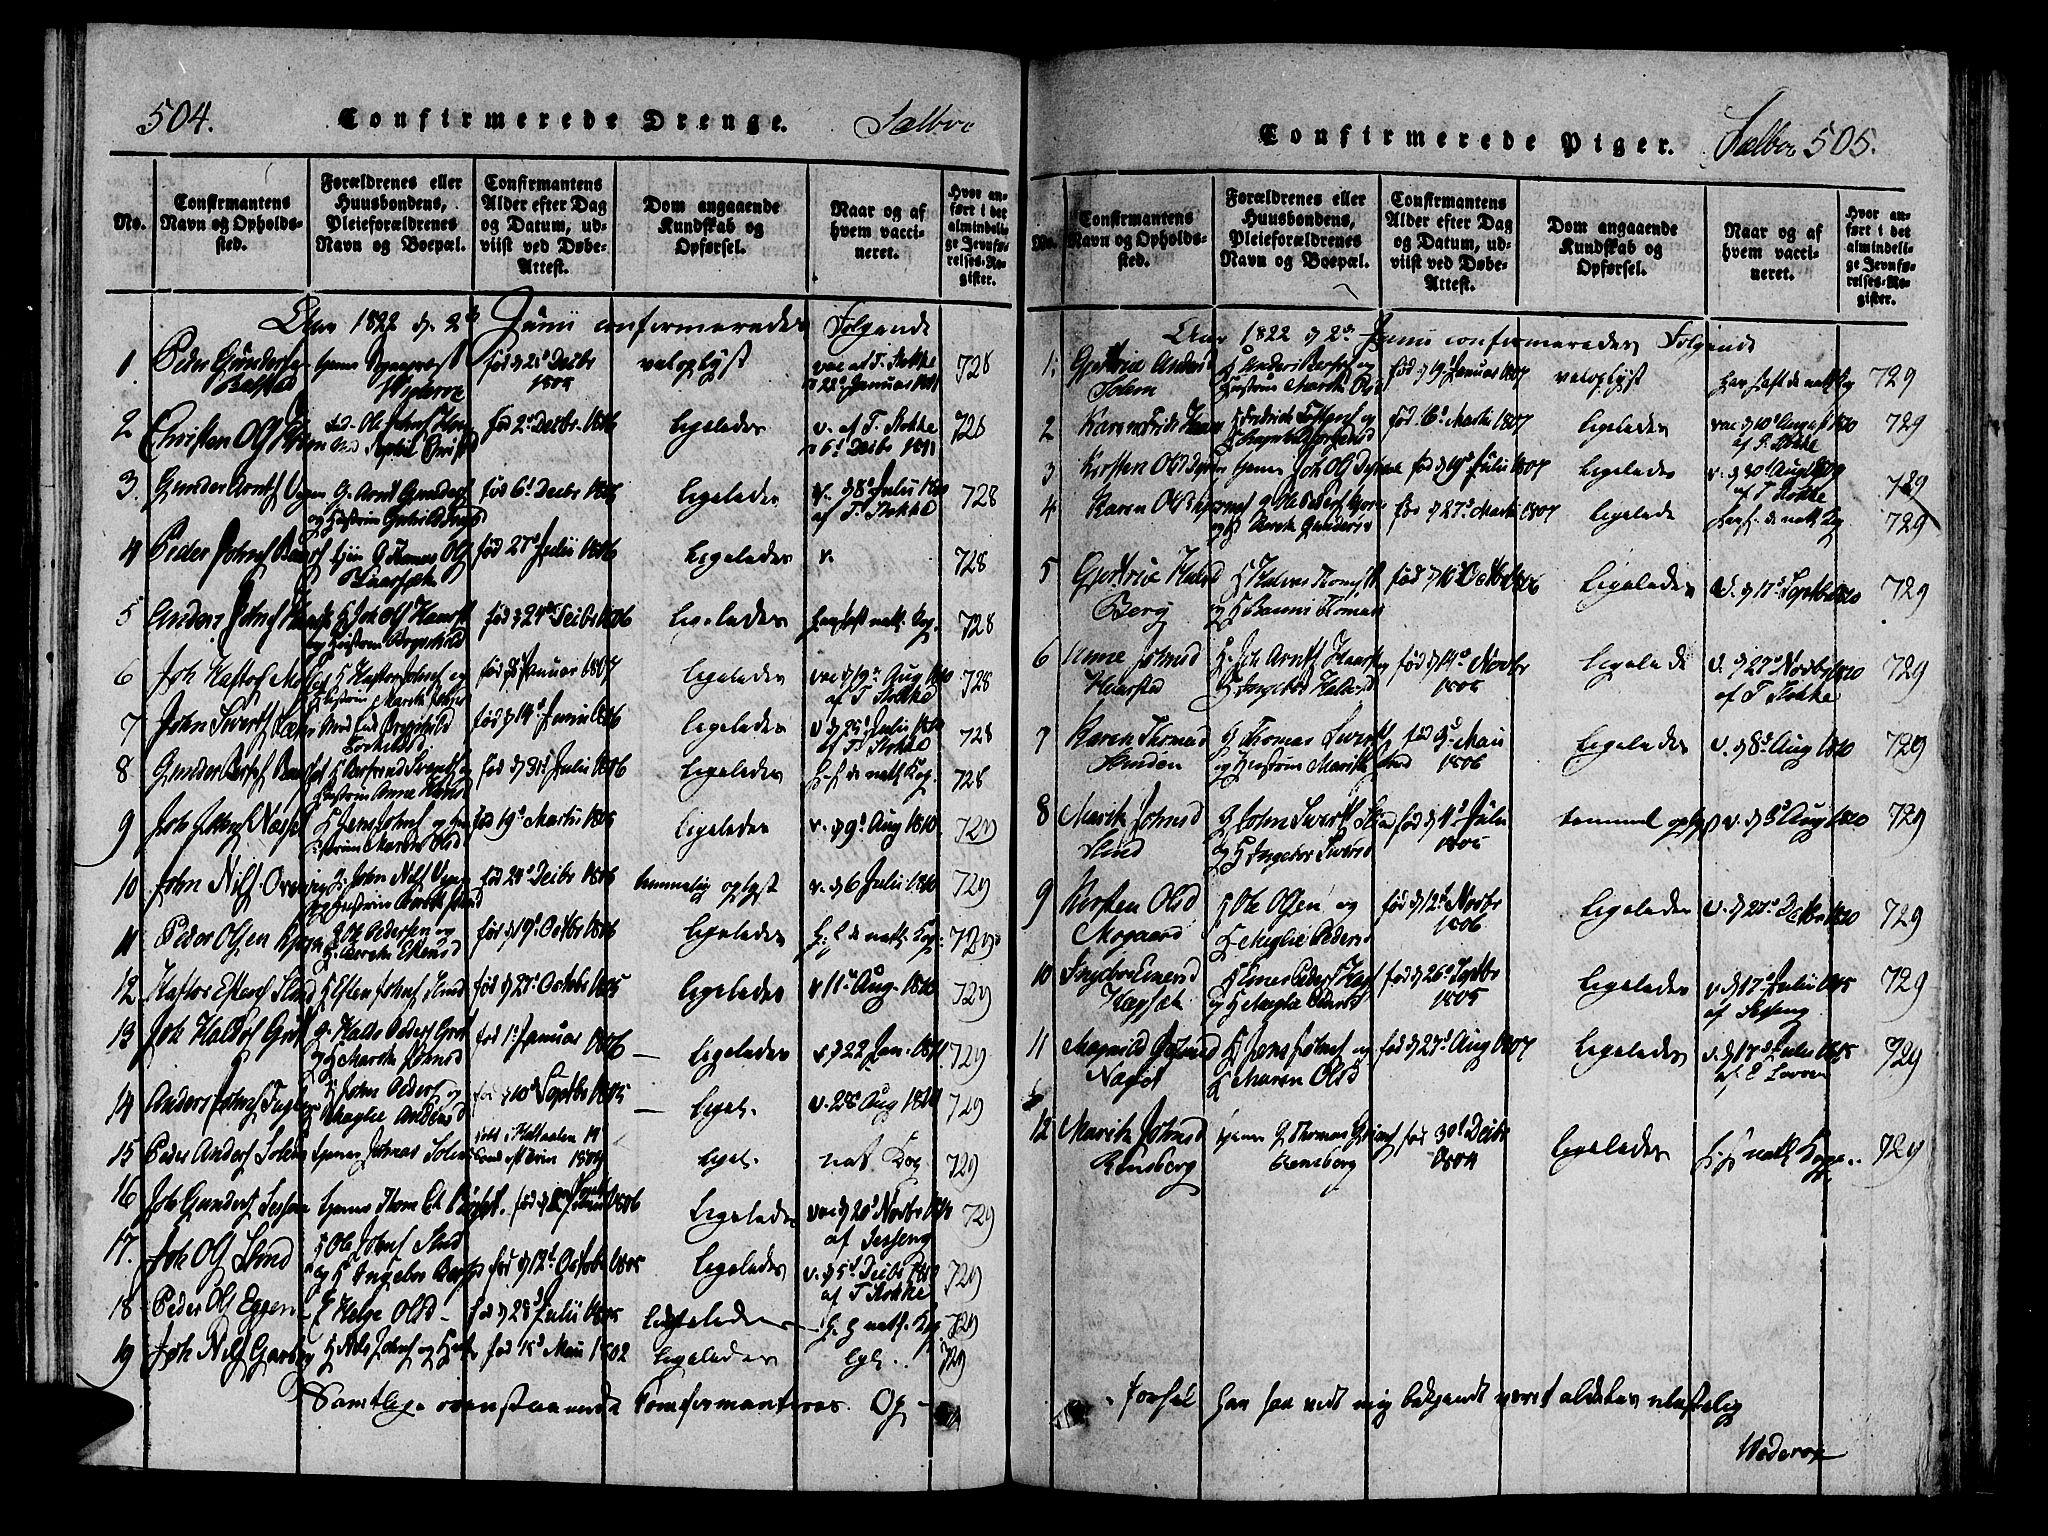 SAT, Ministerialprotokoller, klokkerbøker og fødselsregistre - Sør-Trøndelag, 695/L1141: Ministerialbok nr. 695A04 /1, 1816-1824, s. 504-505